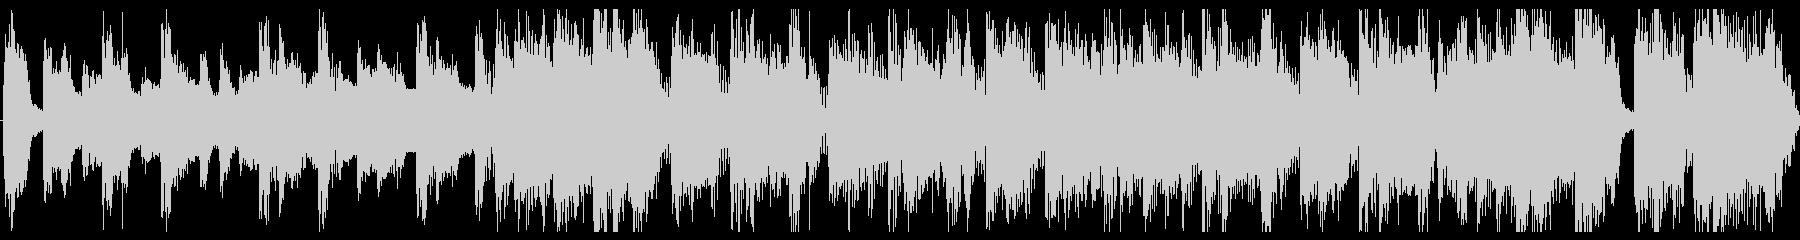 出囃子ロックCM用横ノリオープニングの未再生の波形